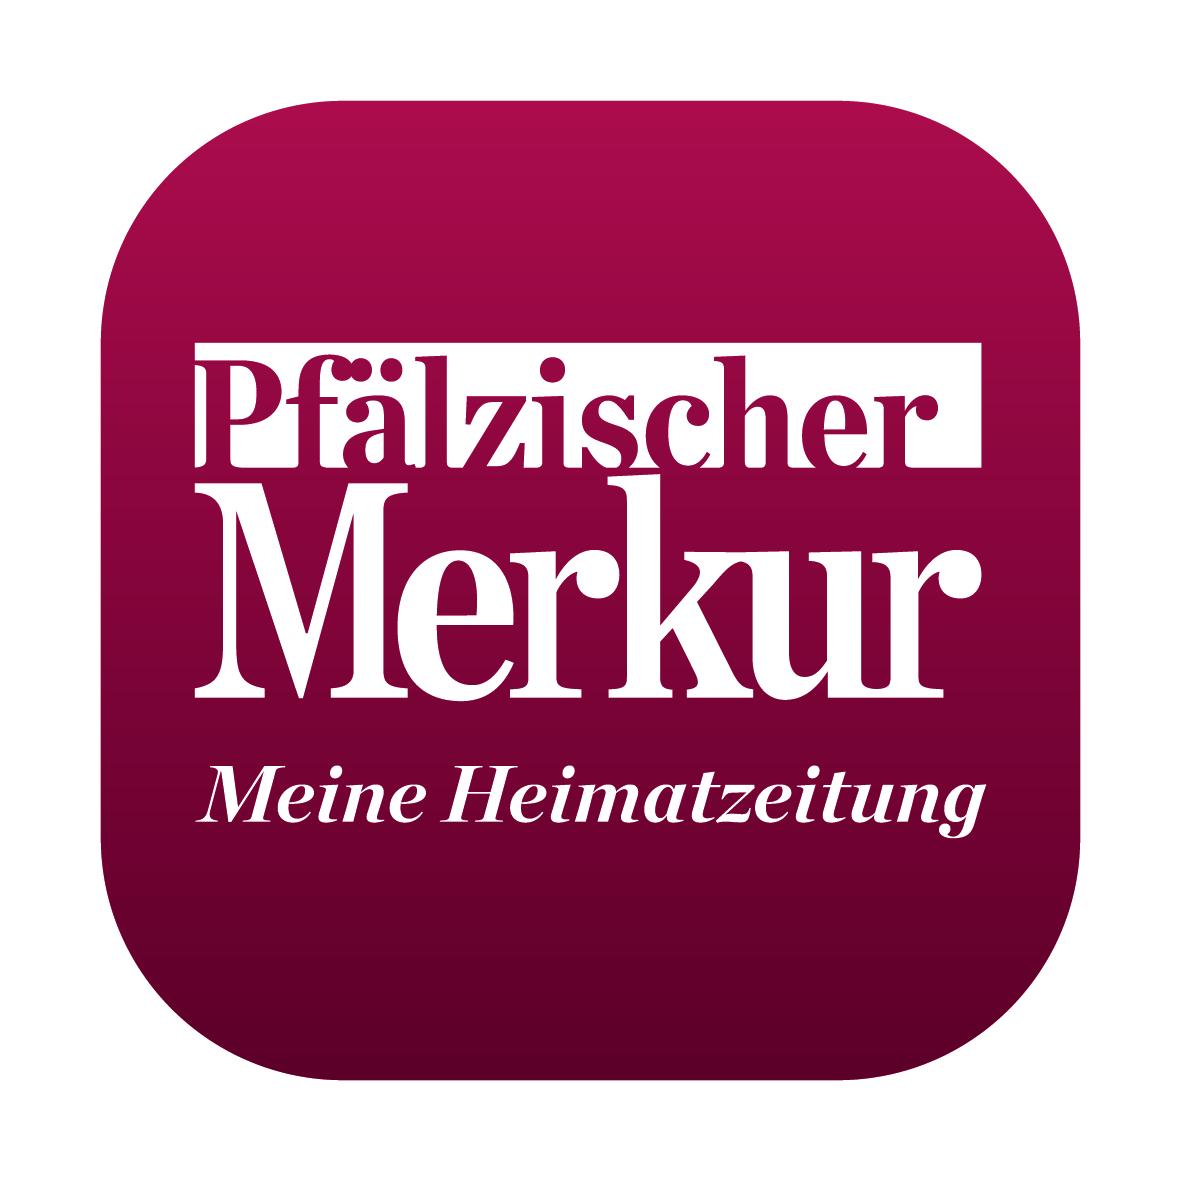 Pfälzischer Merkur - Zweibrücker Druckerei und Verlagsgesellschaft mbH